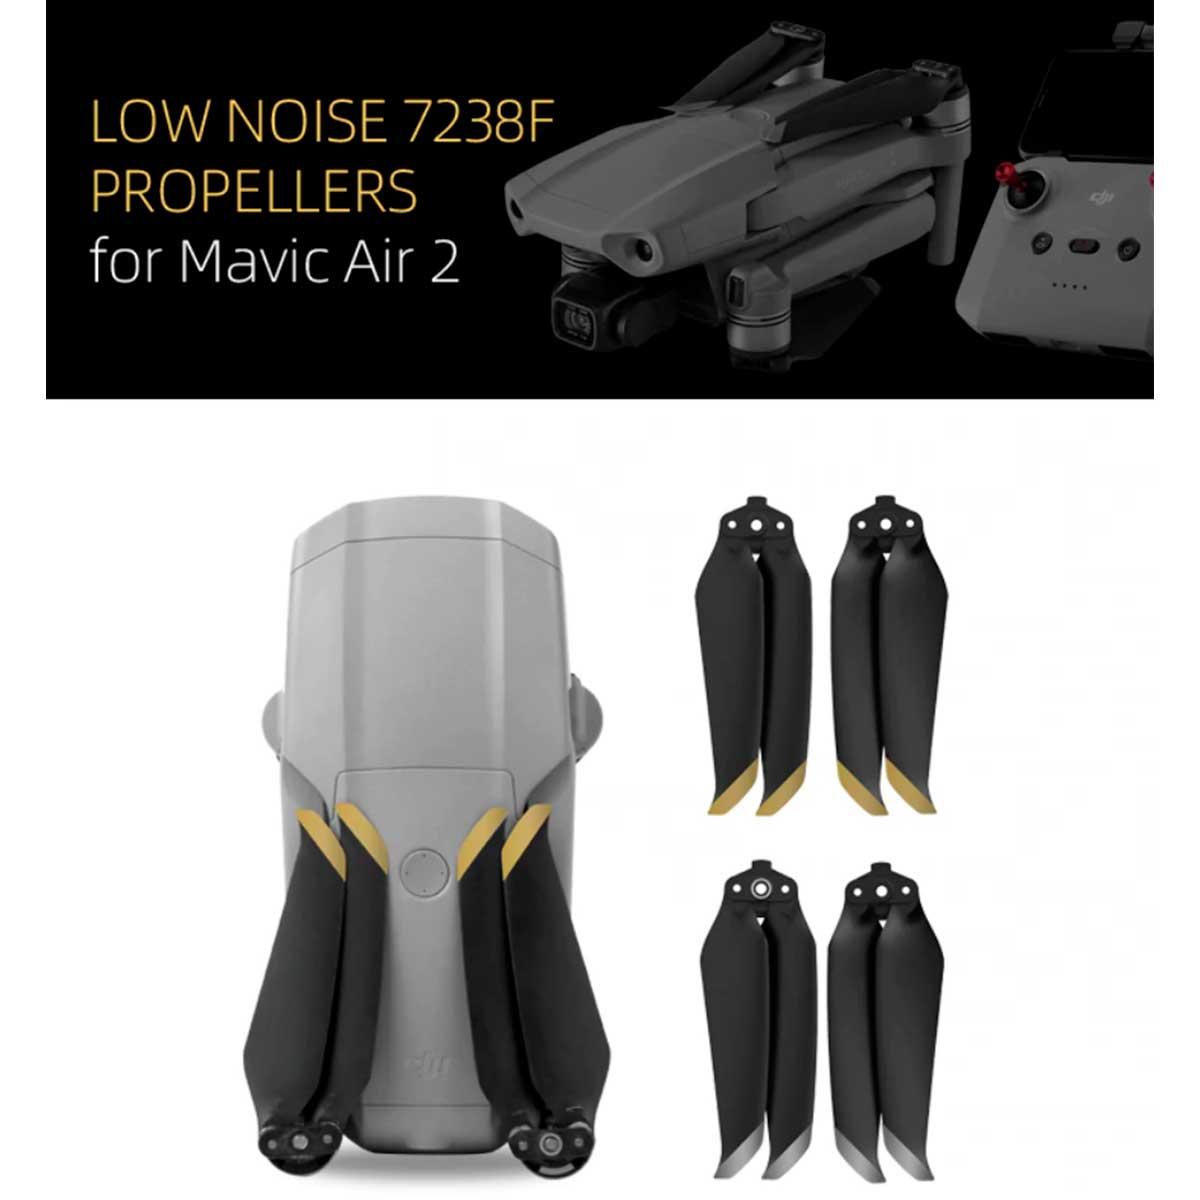 Hélices DJI Mavic Air 2 - Low Noise - 2 Pares